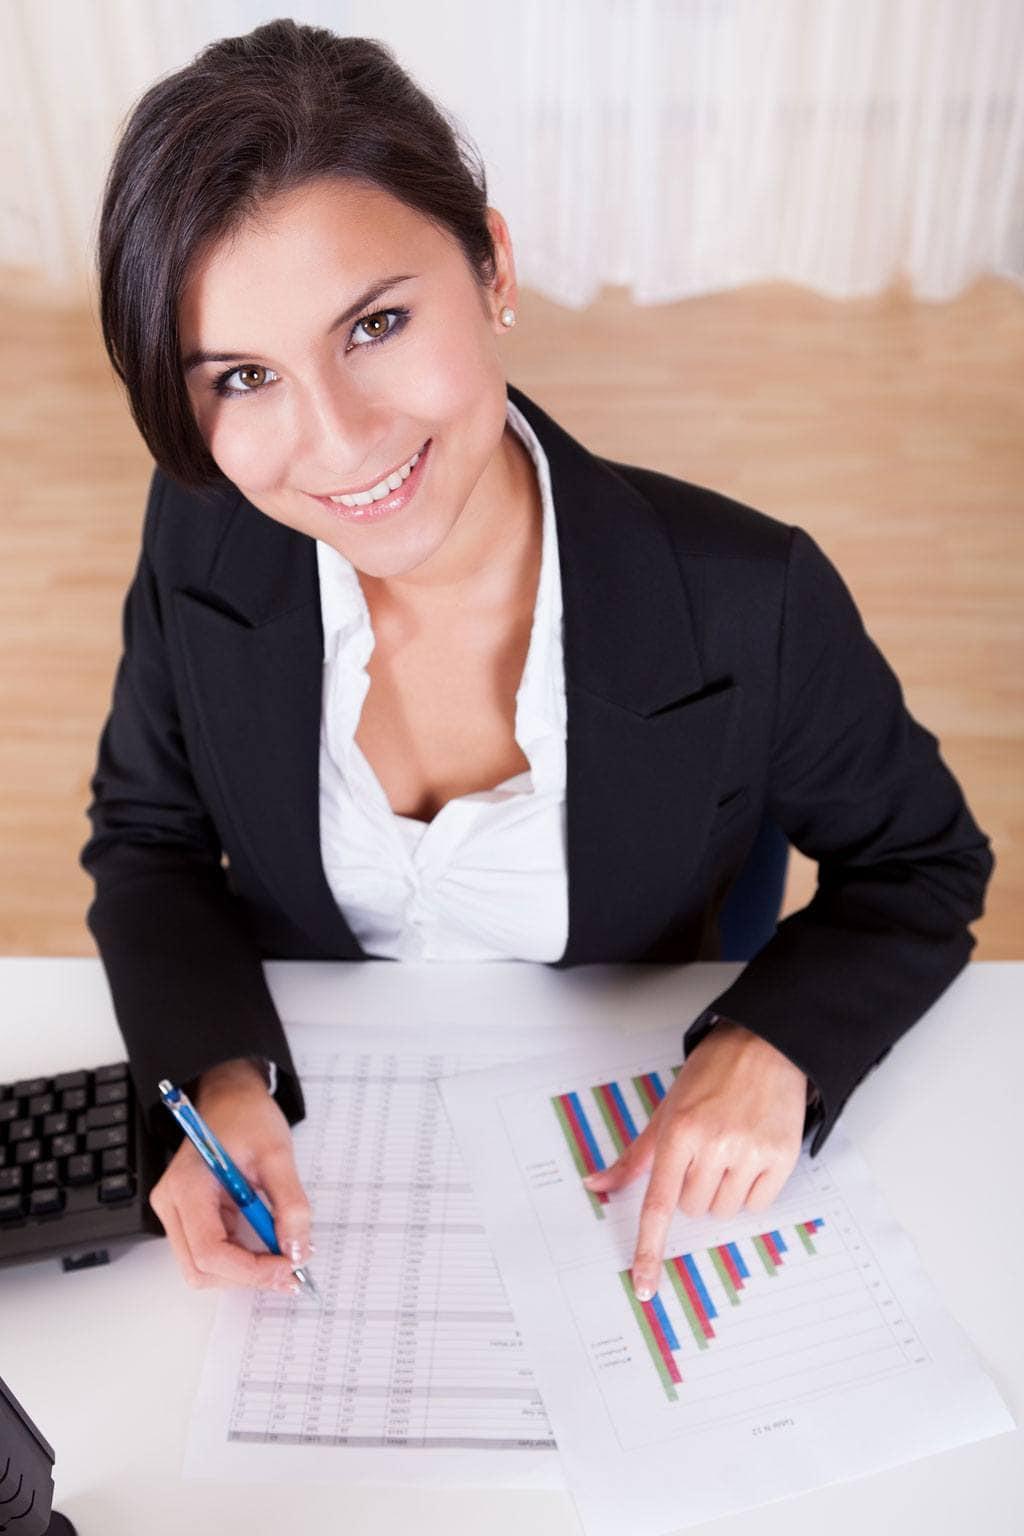 Brug vores budgetskemaer i toppen og gør dit budget til en leg. Det kan give dig økonomisk kontrol og ro i maven.